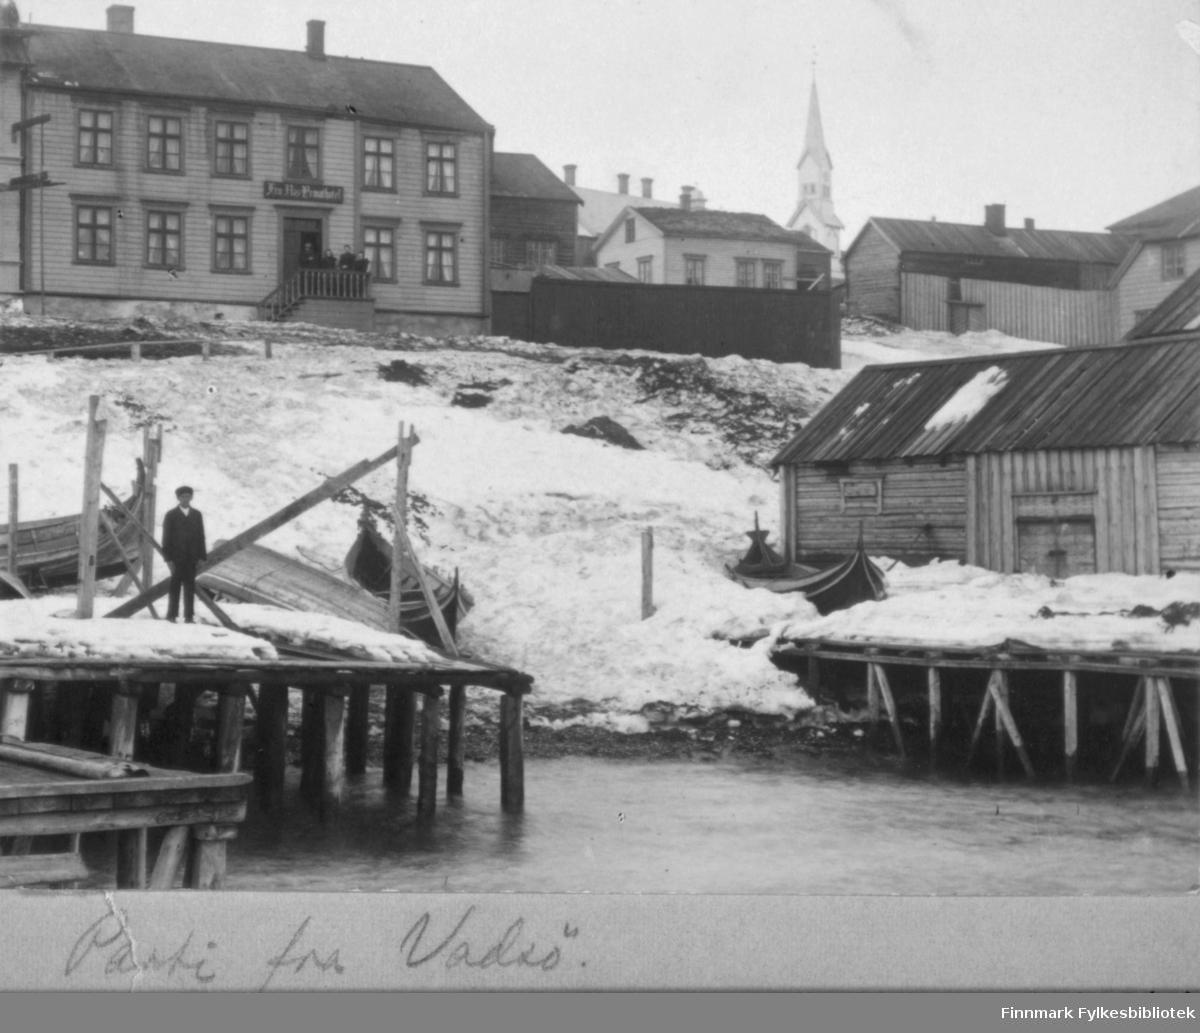 Mann på kai sentralt i Vadsø 'Parti fra Vadsø' - samme som 93008. Foto: Ellisif Wessel